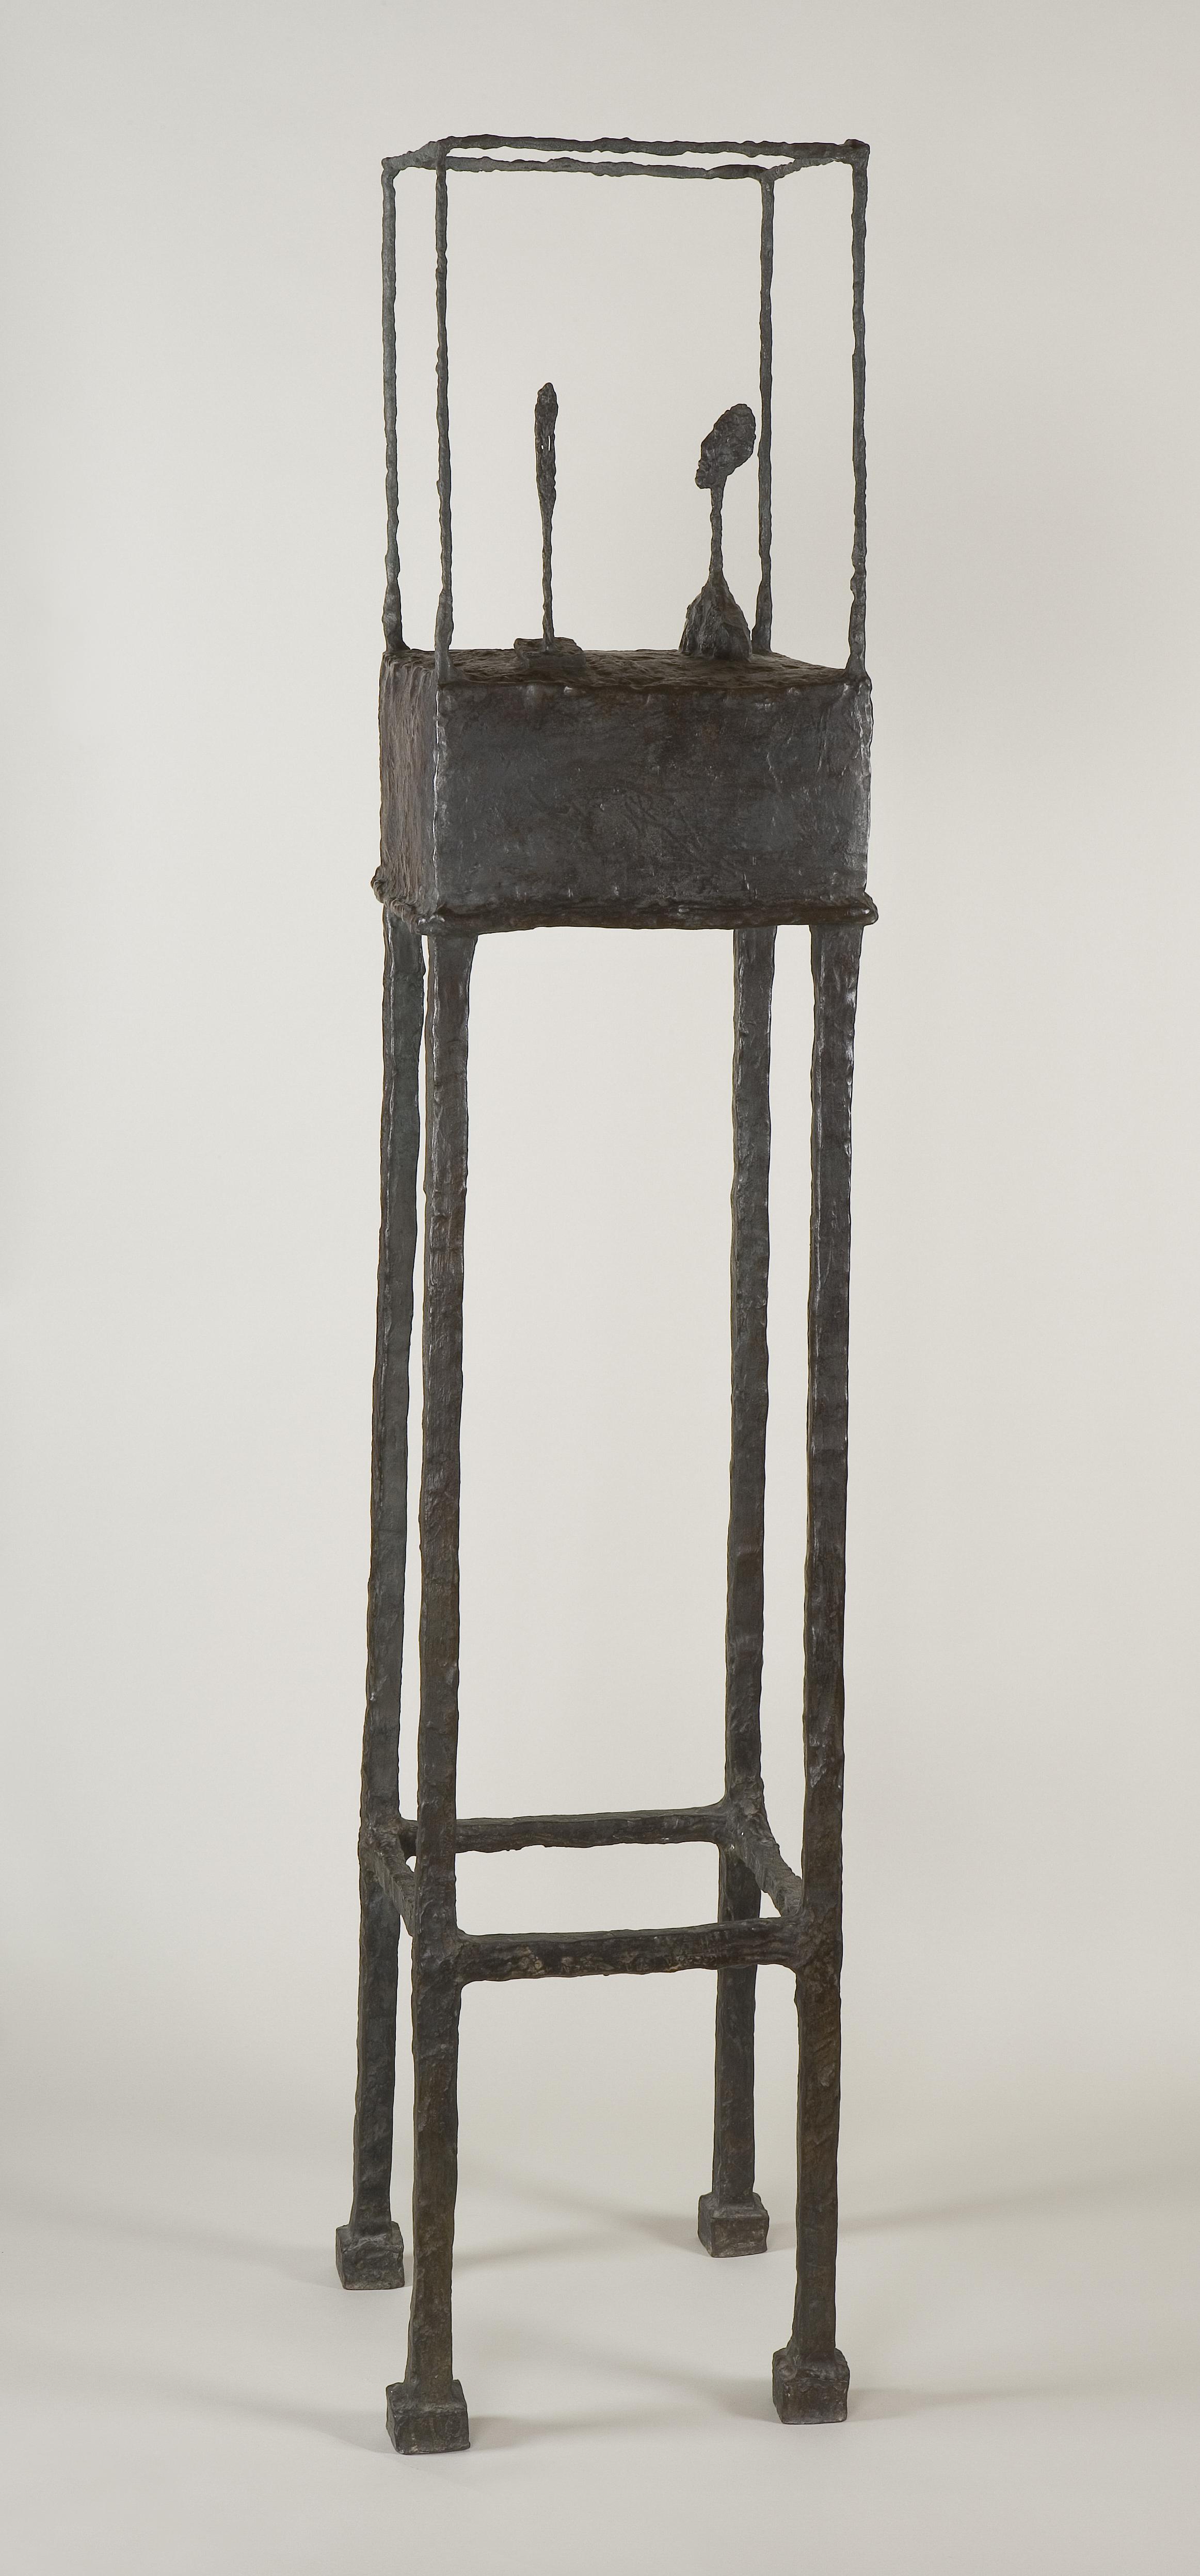 Alberto Giacometti: The Cage (Klec), 1950-1951. Foto: Fondation Giacometti, Paris